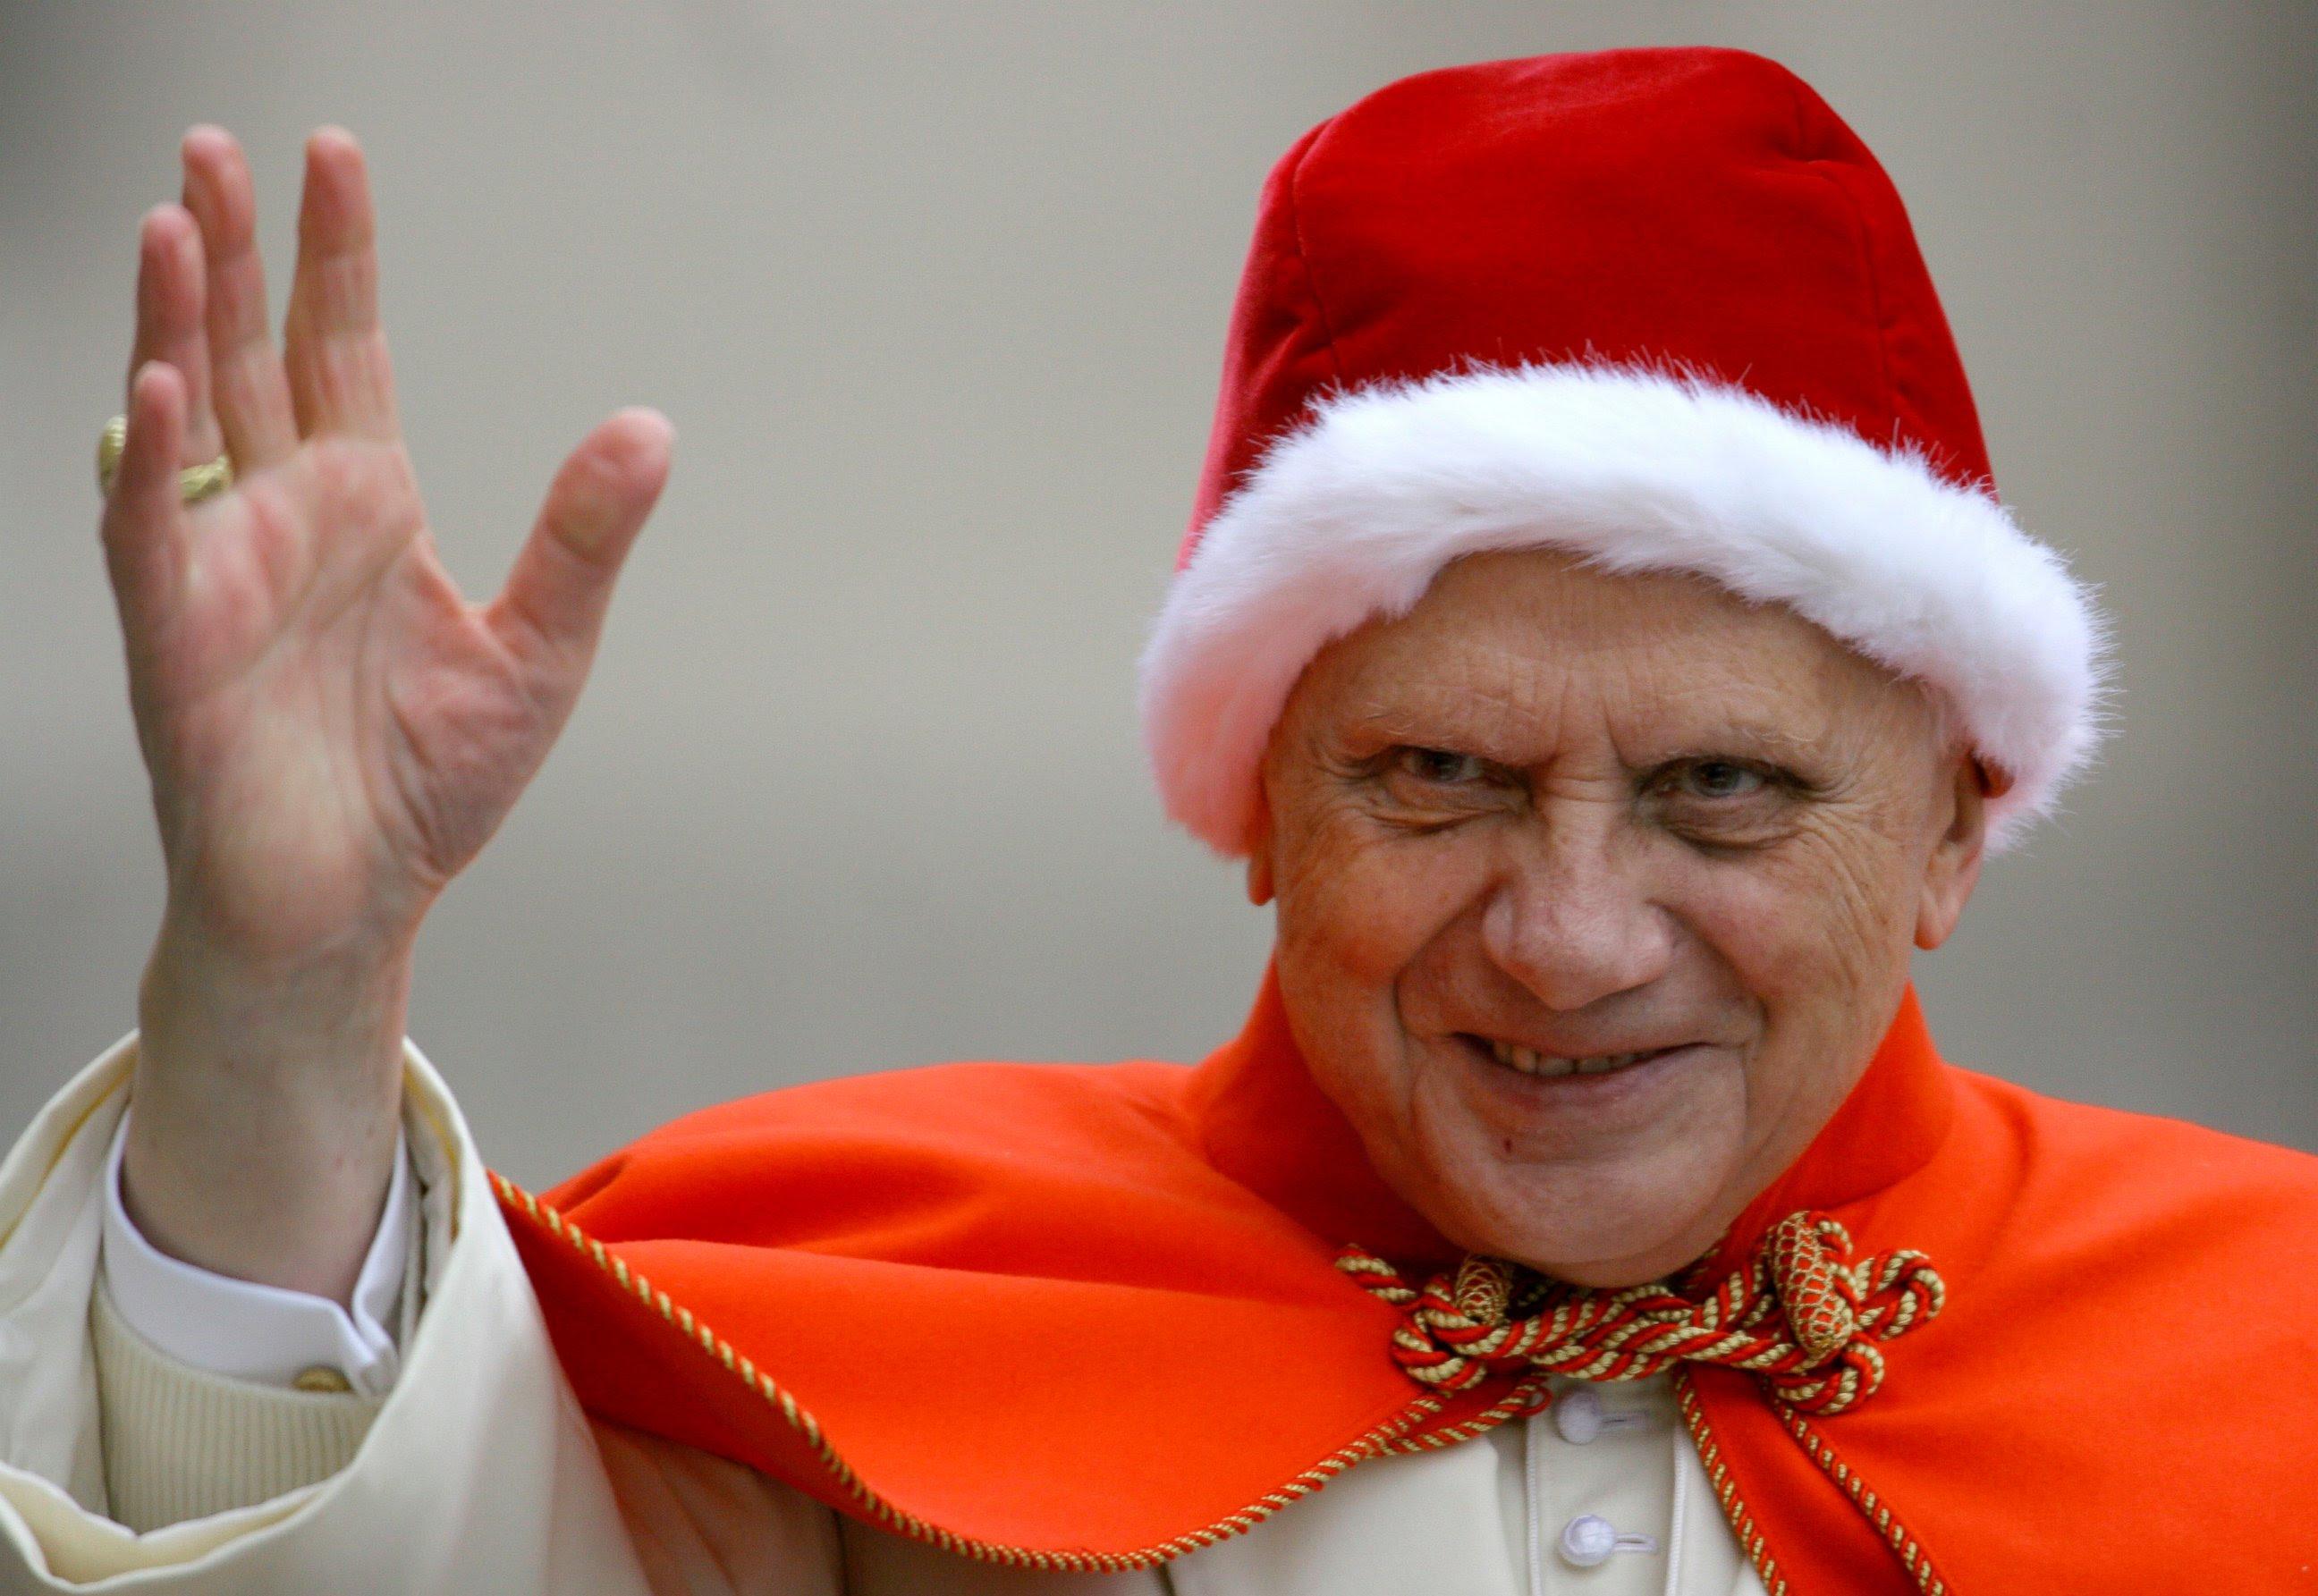 Αποτέλεσμα εικόνας για pope benedict xvi